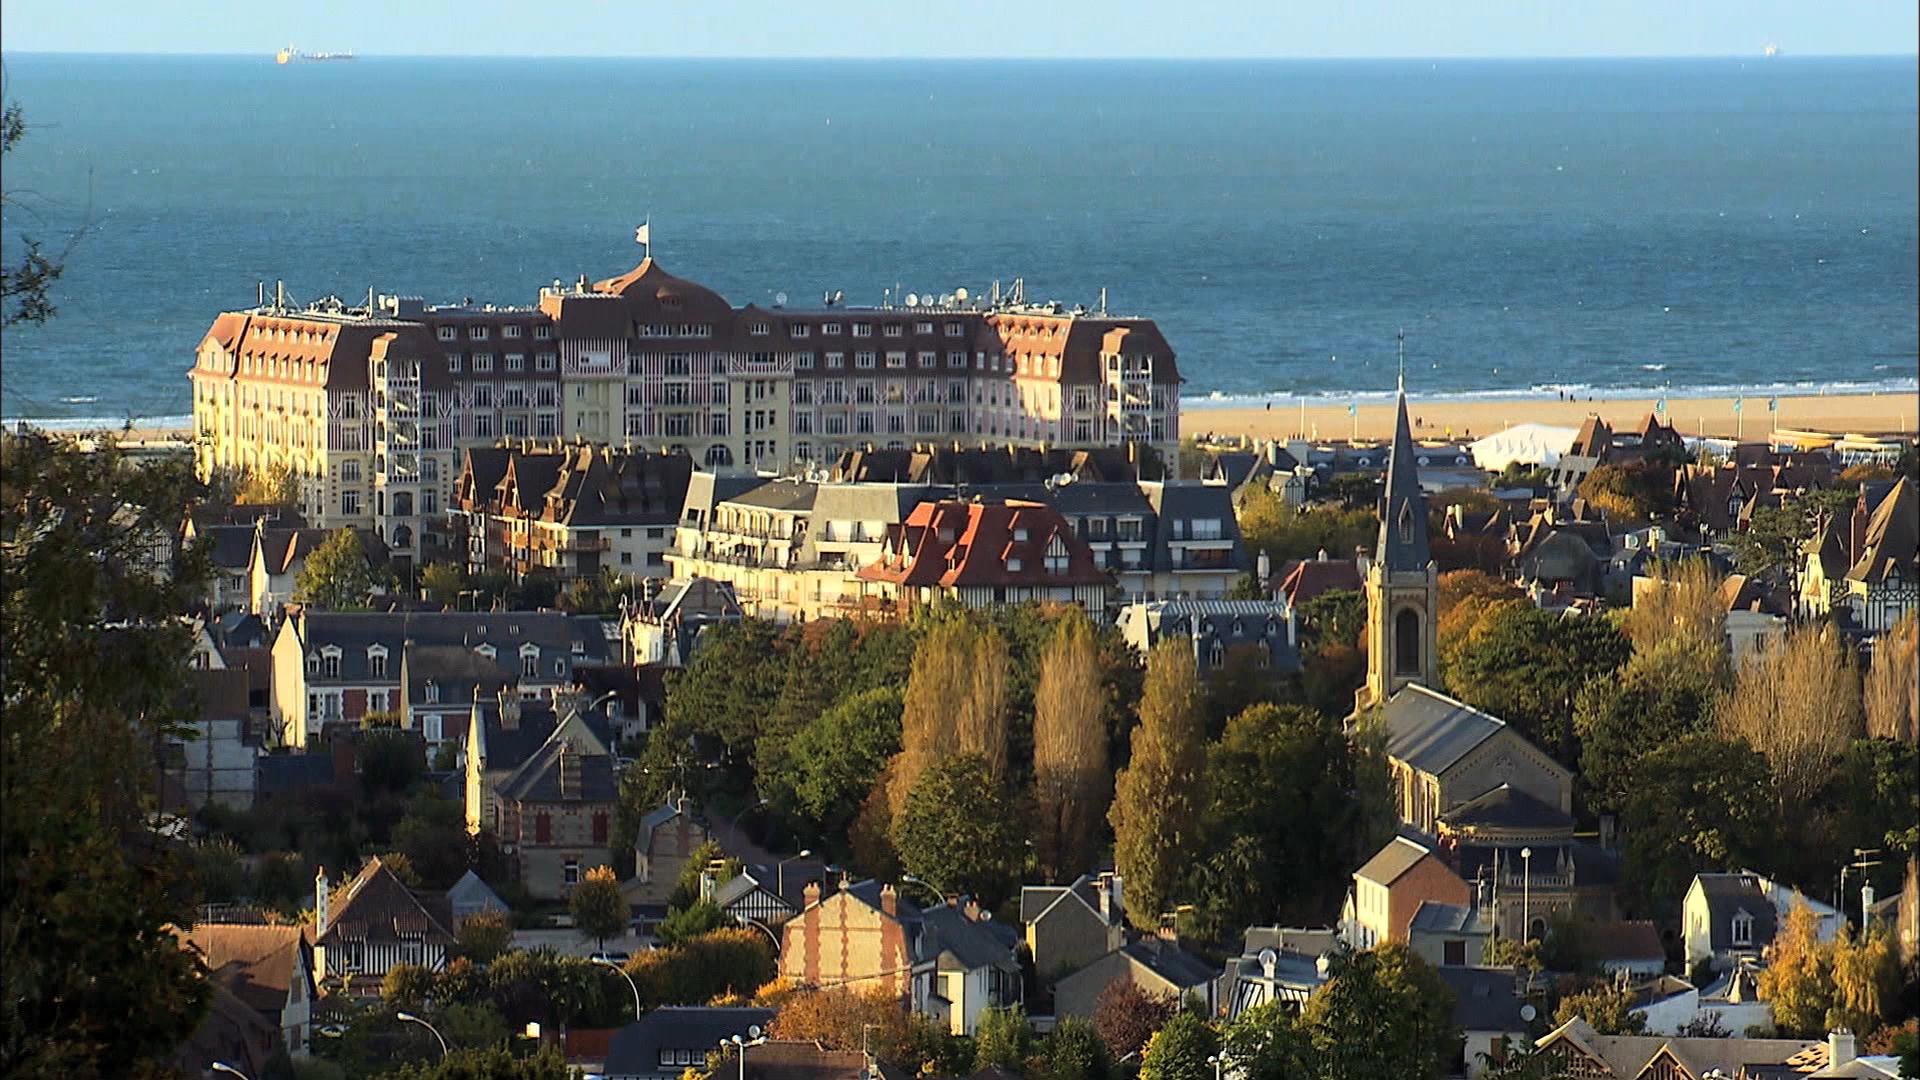 Deauville trouville entre chic et charme l2 films - Office du tourisme de deauville trouville ...